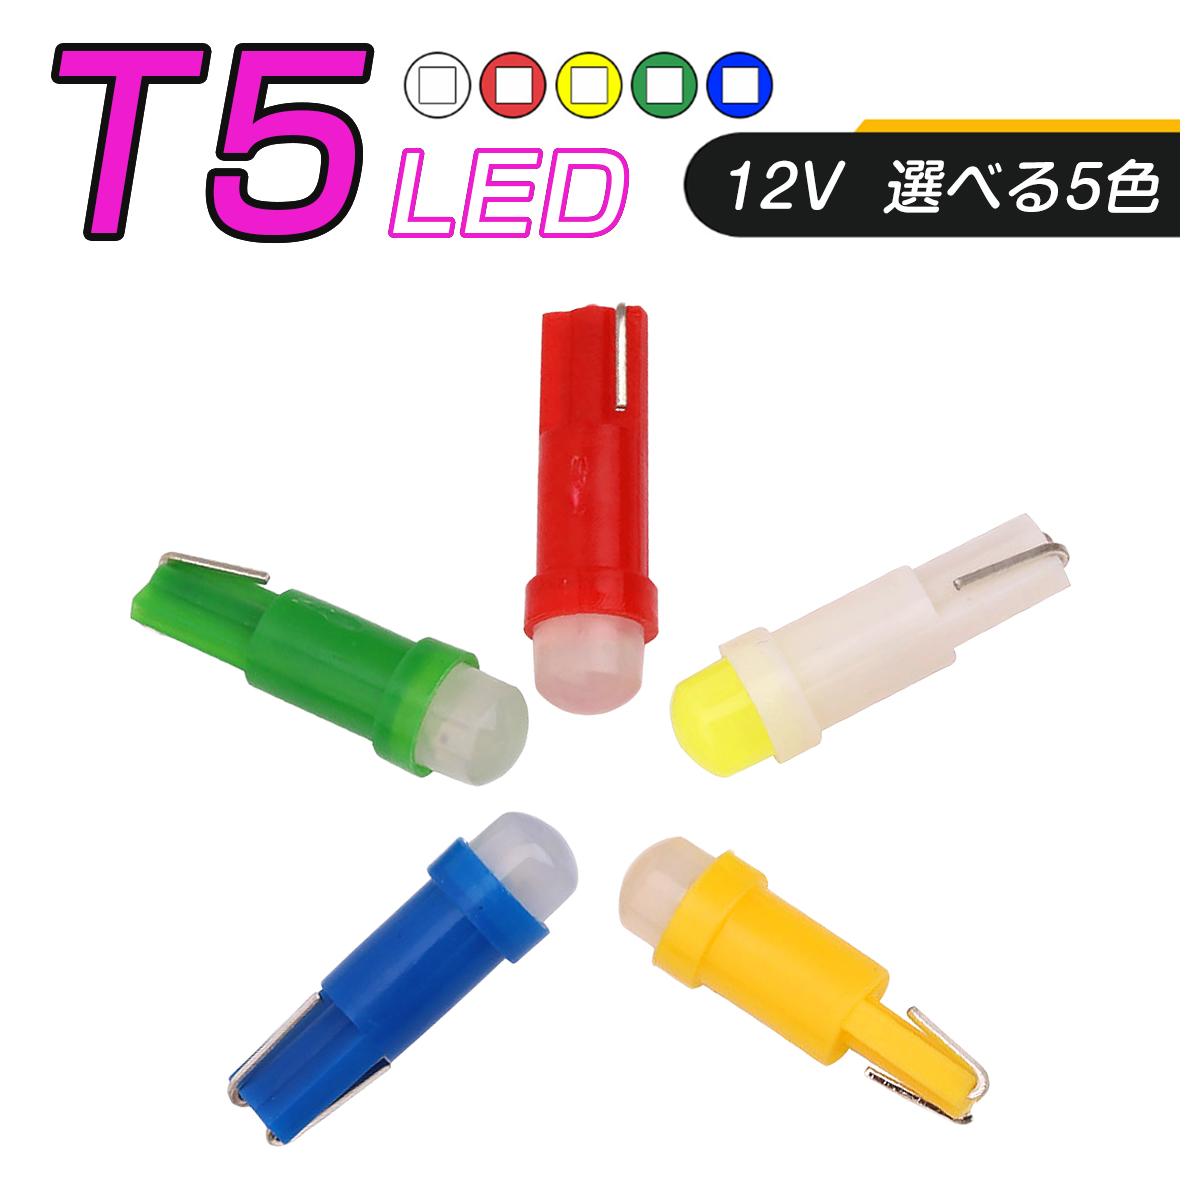 LED T5 SMD 選べるカラー5色 メーター球 タコランプ インジケーター エアコンパネル ウェッジ球 超拡散 全面発光 2個セット SDM便送料無料 1ヶ月保証